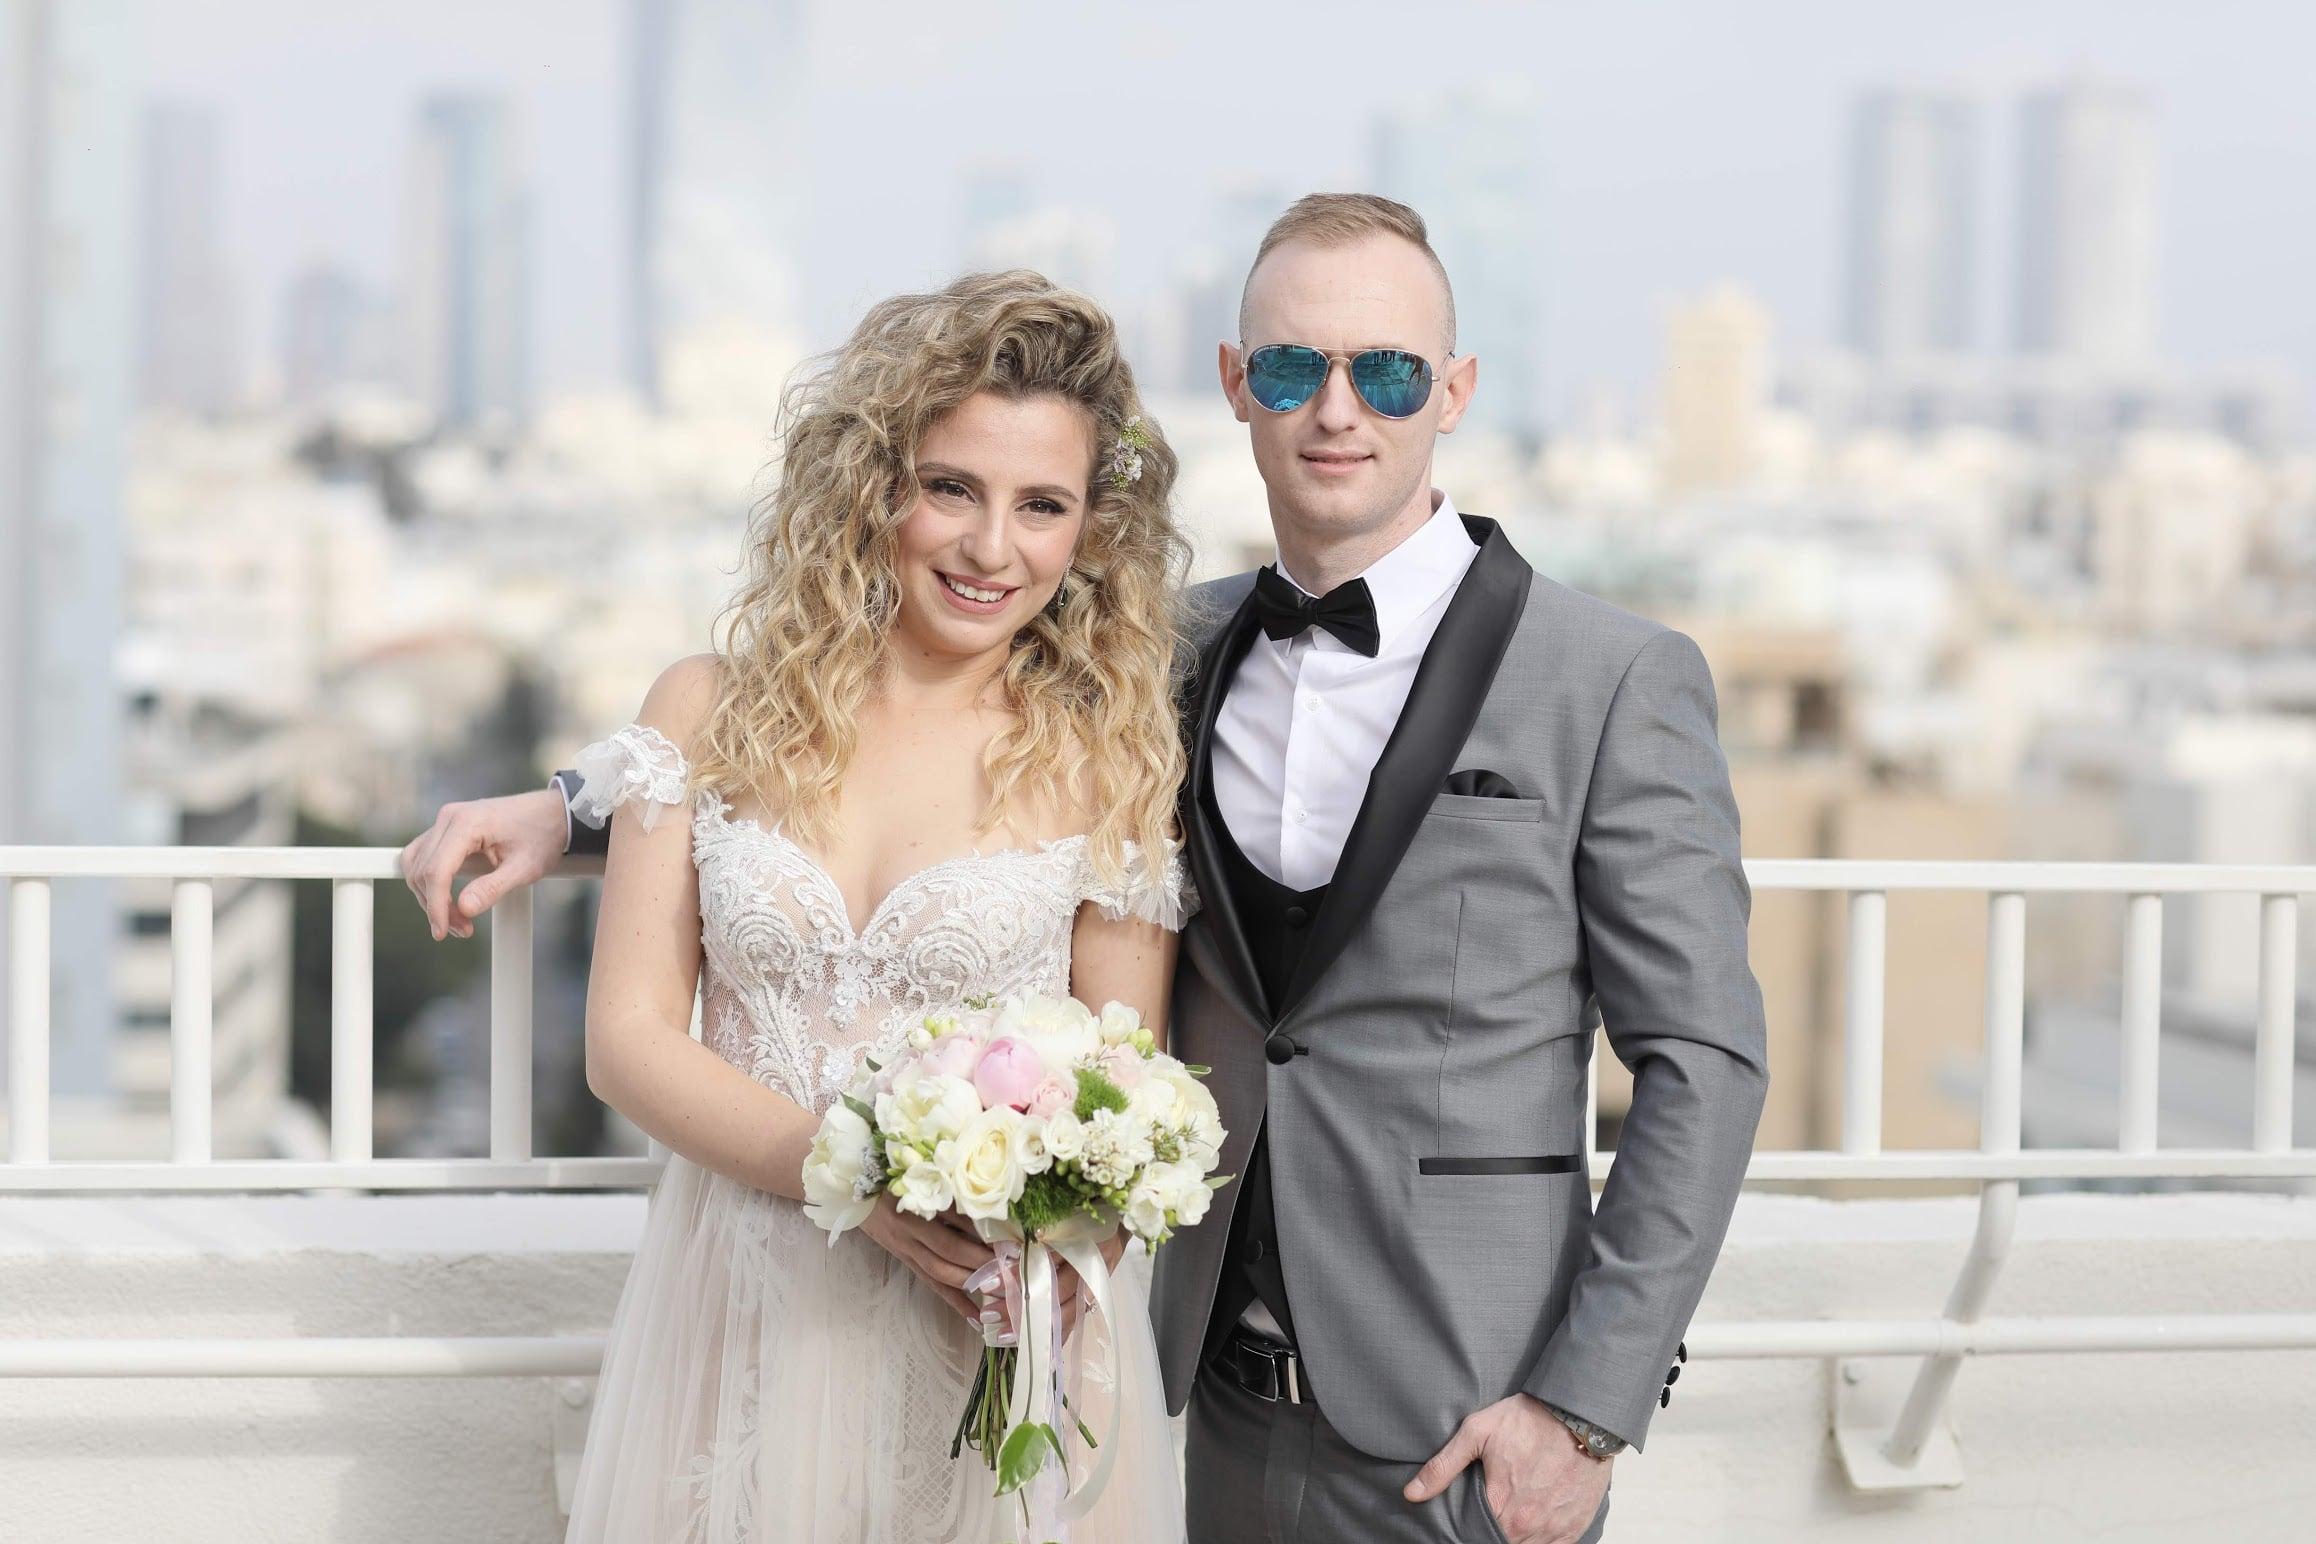 זוג ביום חתונתו על המרפסת במלון בוטיק בתל אביב